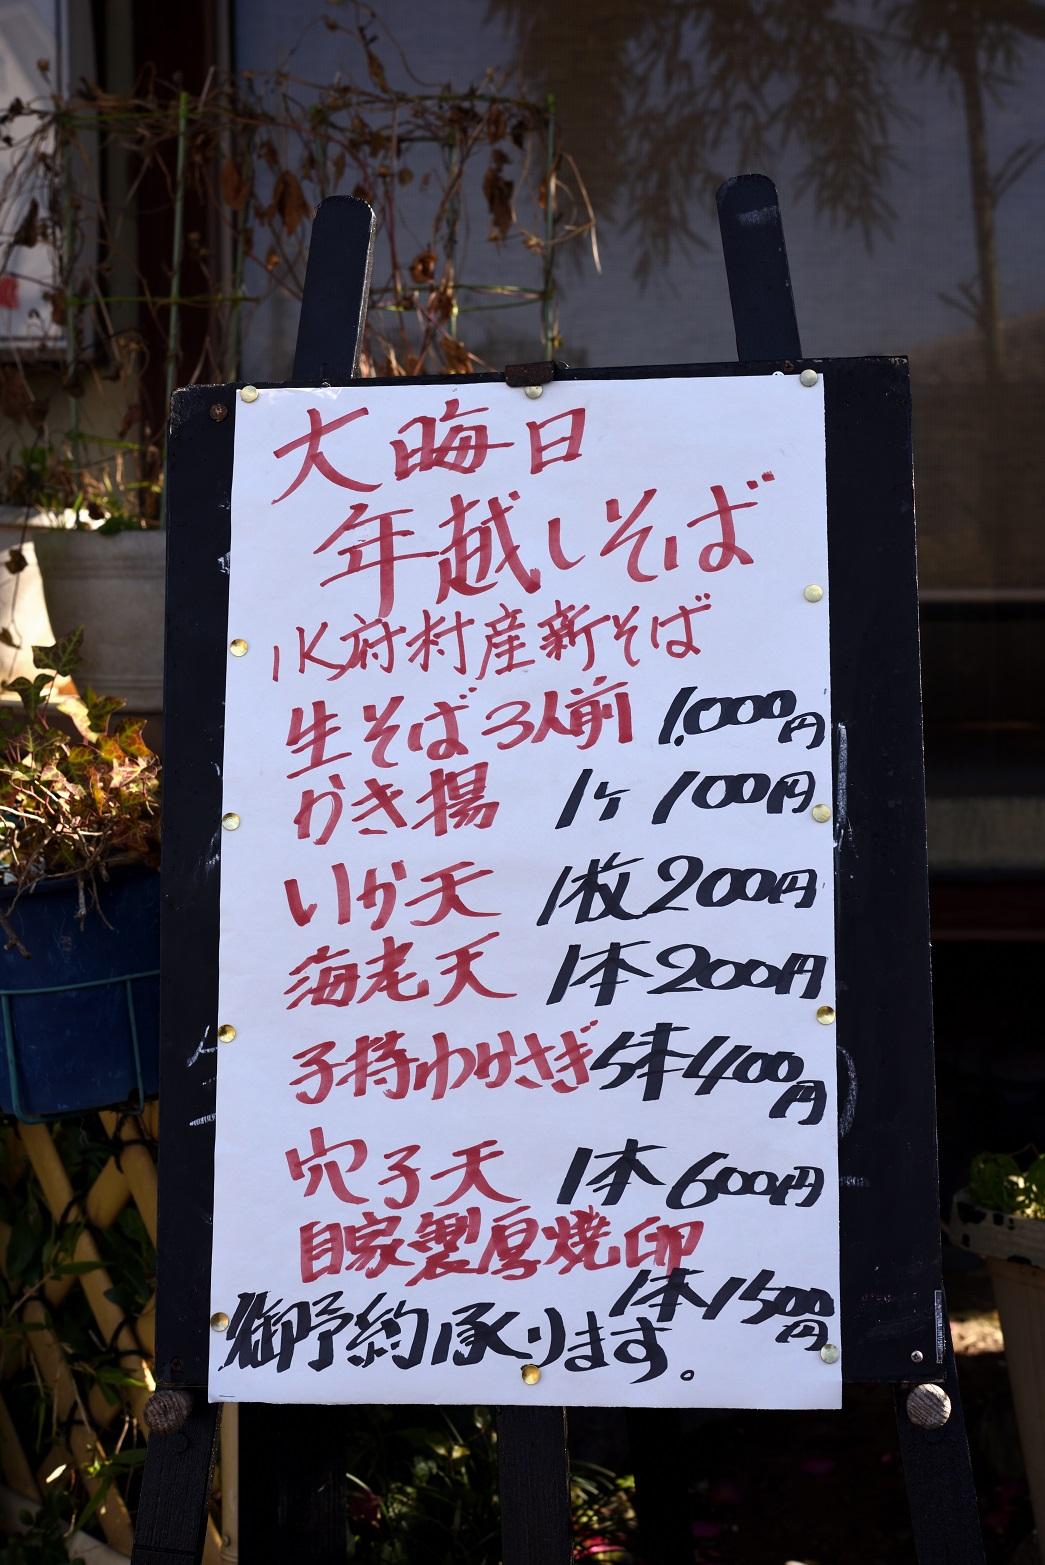 鮨健 年越し蕎麦